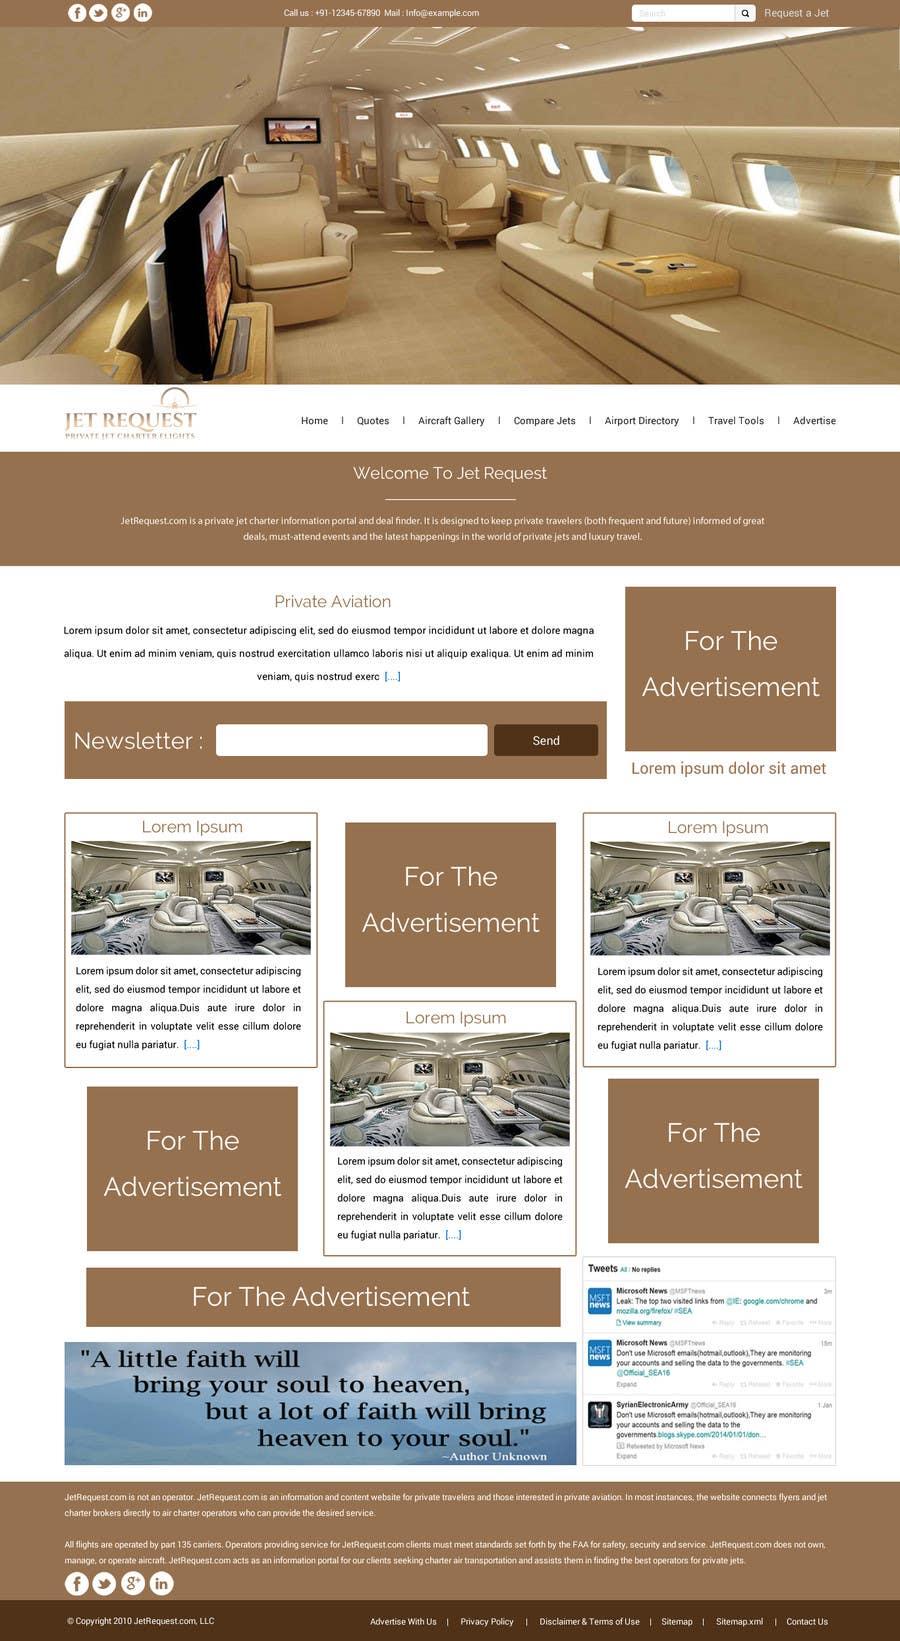 Konkurrenceindlæg #                                        26                                      for                                         Design a Website Mockup for Private Jet company